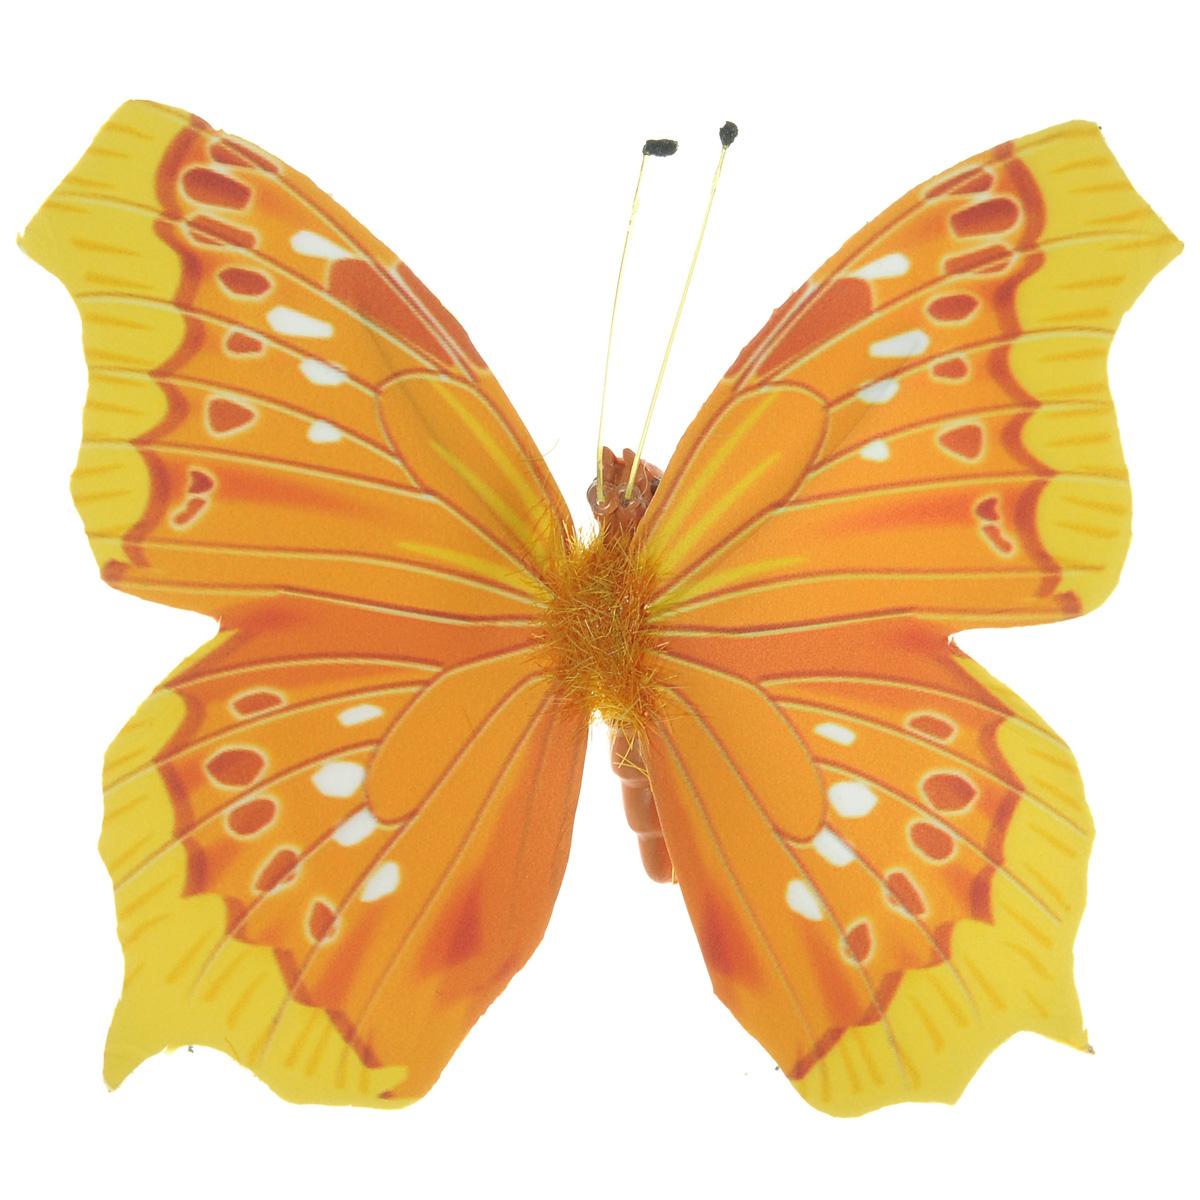 Декоративный элемент Hobby Time Бабочка, цвет: оранжевый, 6 см х 7 см. 77054787705478Декоративный элемент Hobby Time Бабочка, изготовленный из текстиля, предназначен для декорирования. Он может пригодиться в оформлении одежды, предметов интерьера, подарков, цветочных букетов, а также в скрапбукинге. Изделие выполнено в виде яркой бабочки, декорированной оригинальным узором. С оборотной стороны бабочка оснащена металлической клипсой.